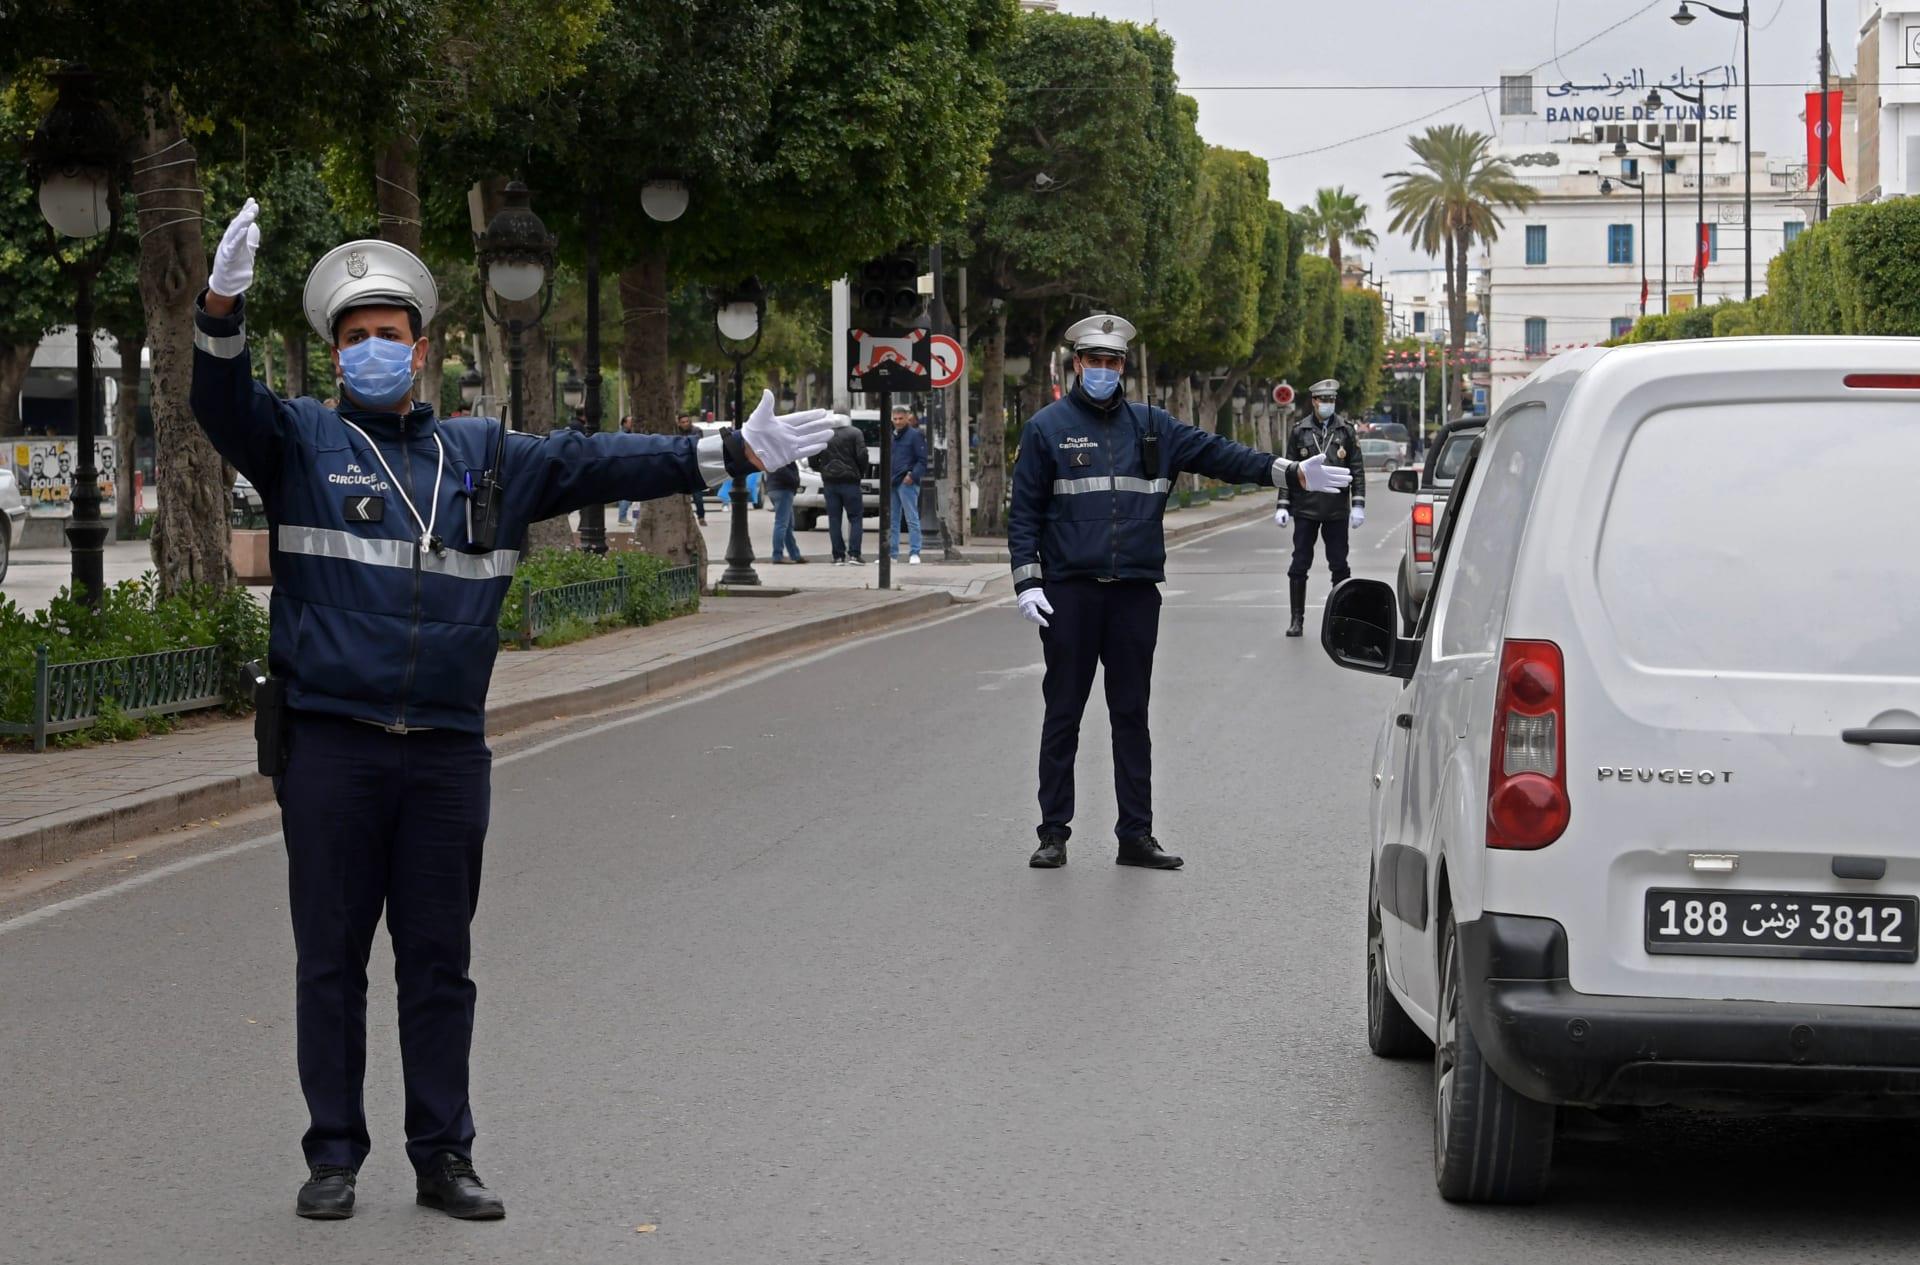 الشرطة التونسية تنظم حركة المرور في شارع الحبيب بورقيبة في وسط العاصمة